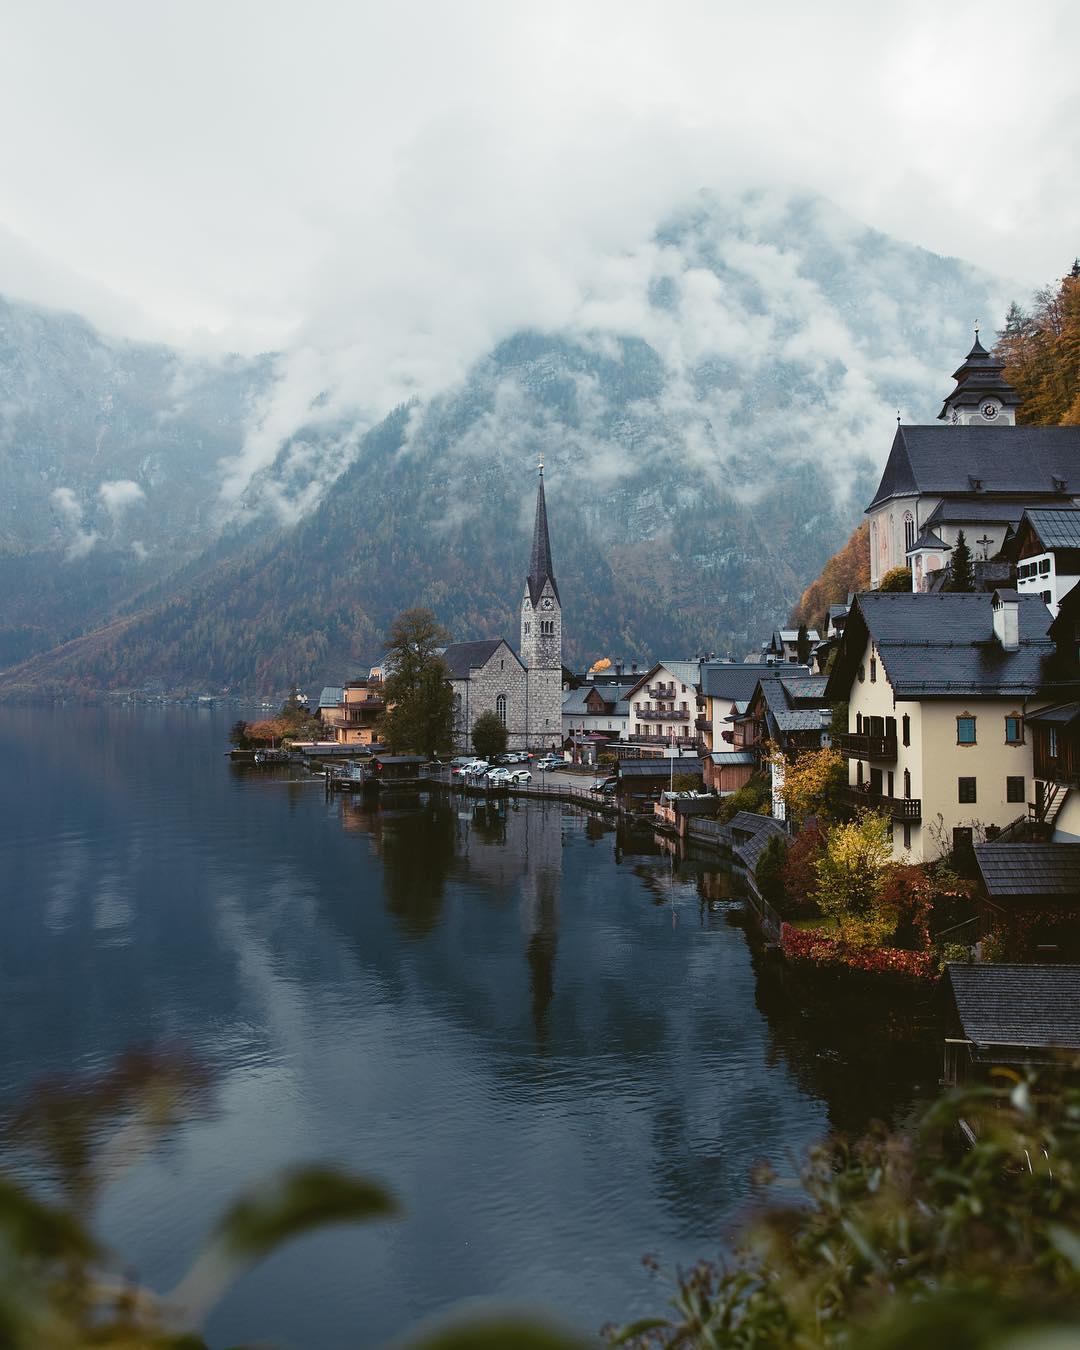 Hallstatt Austria in the fall